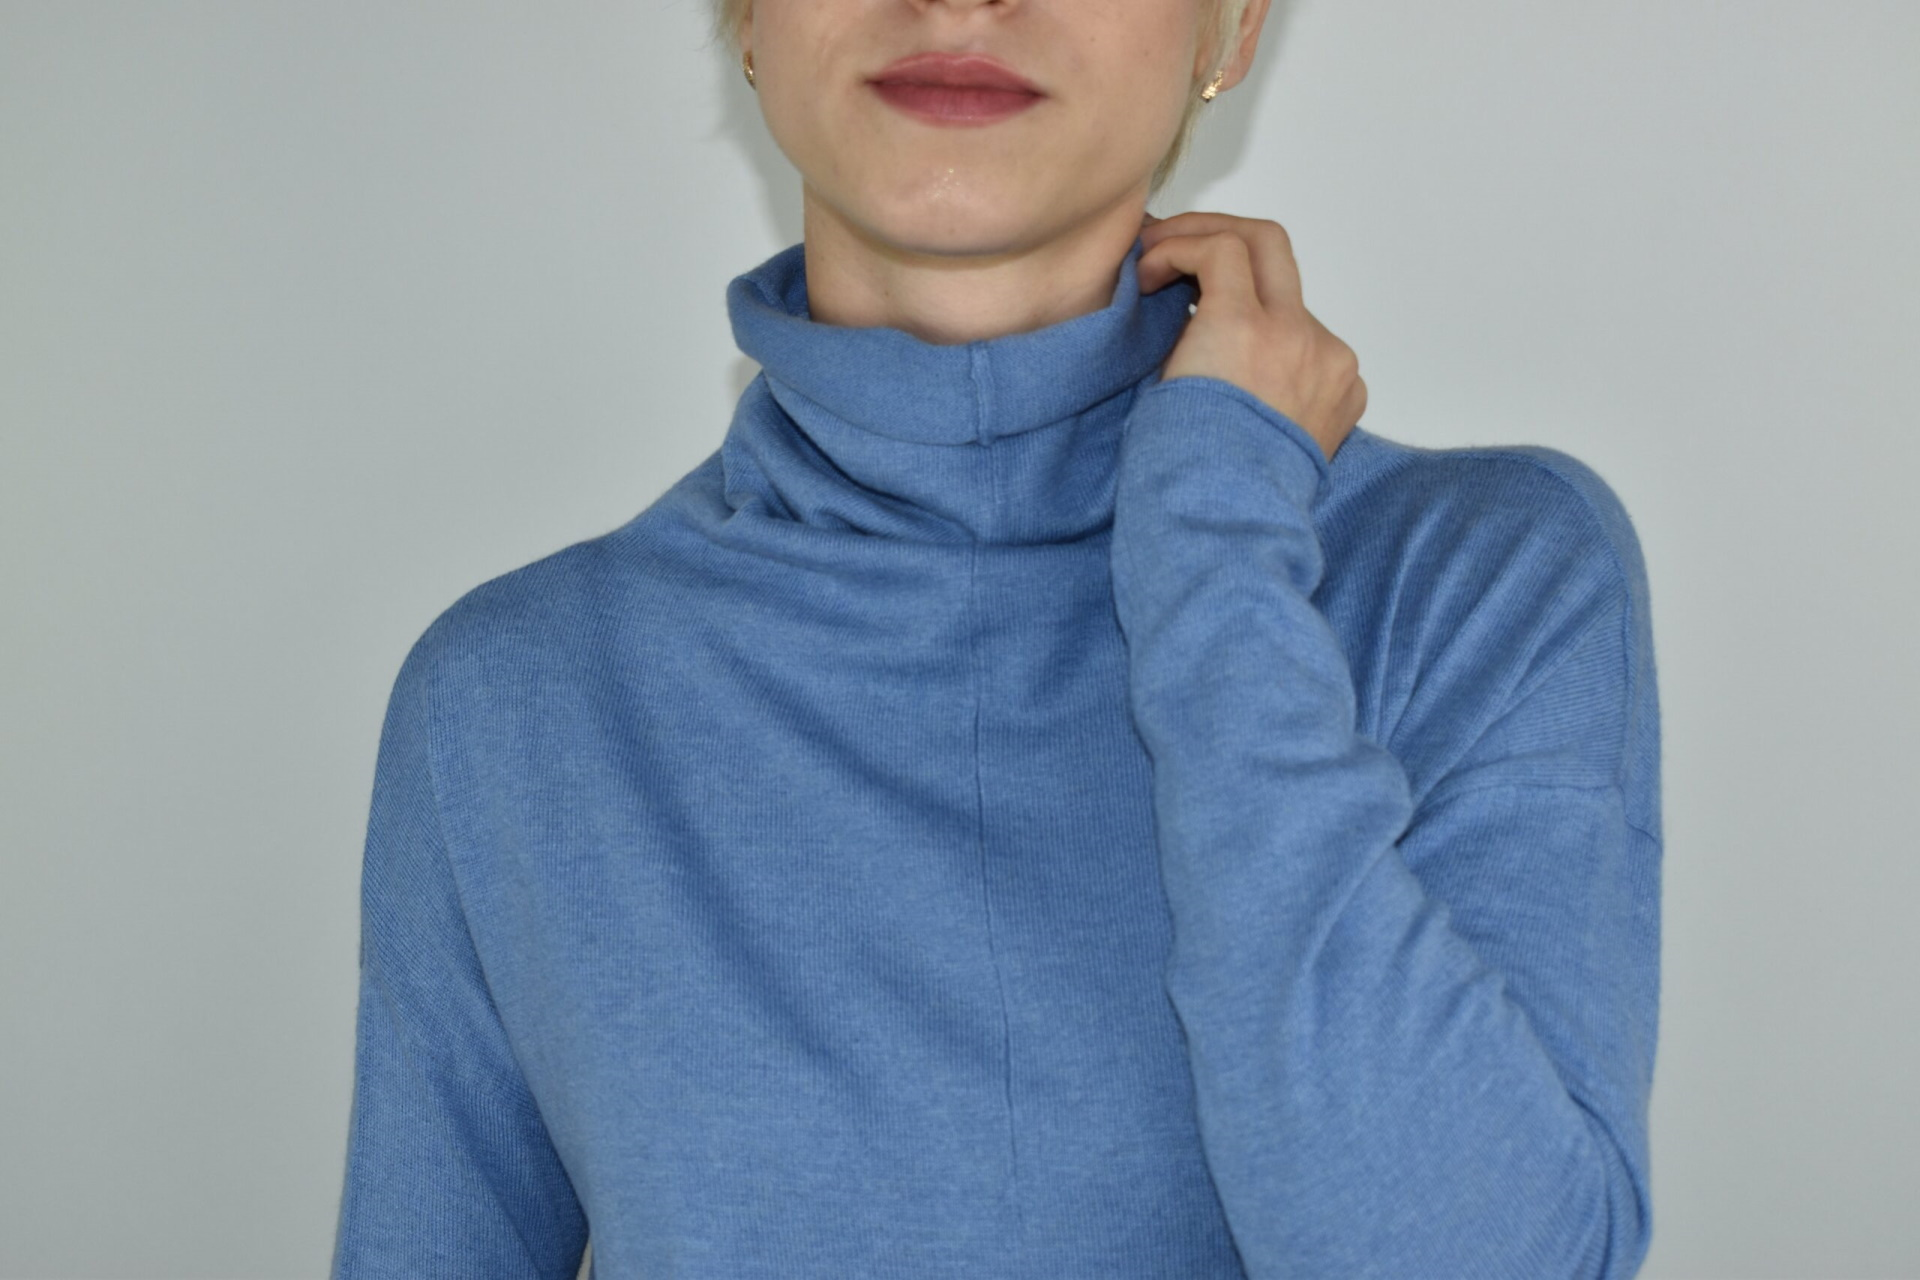 GIADA CELESTE MAGLIA DONNA CASHMERE SETA COLLO ALTO MANICA LUNGA 2 1stAmerican maglia dolcevita collo alto da donna in seta cashmere - maglione manica lunga invernale finezza 14